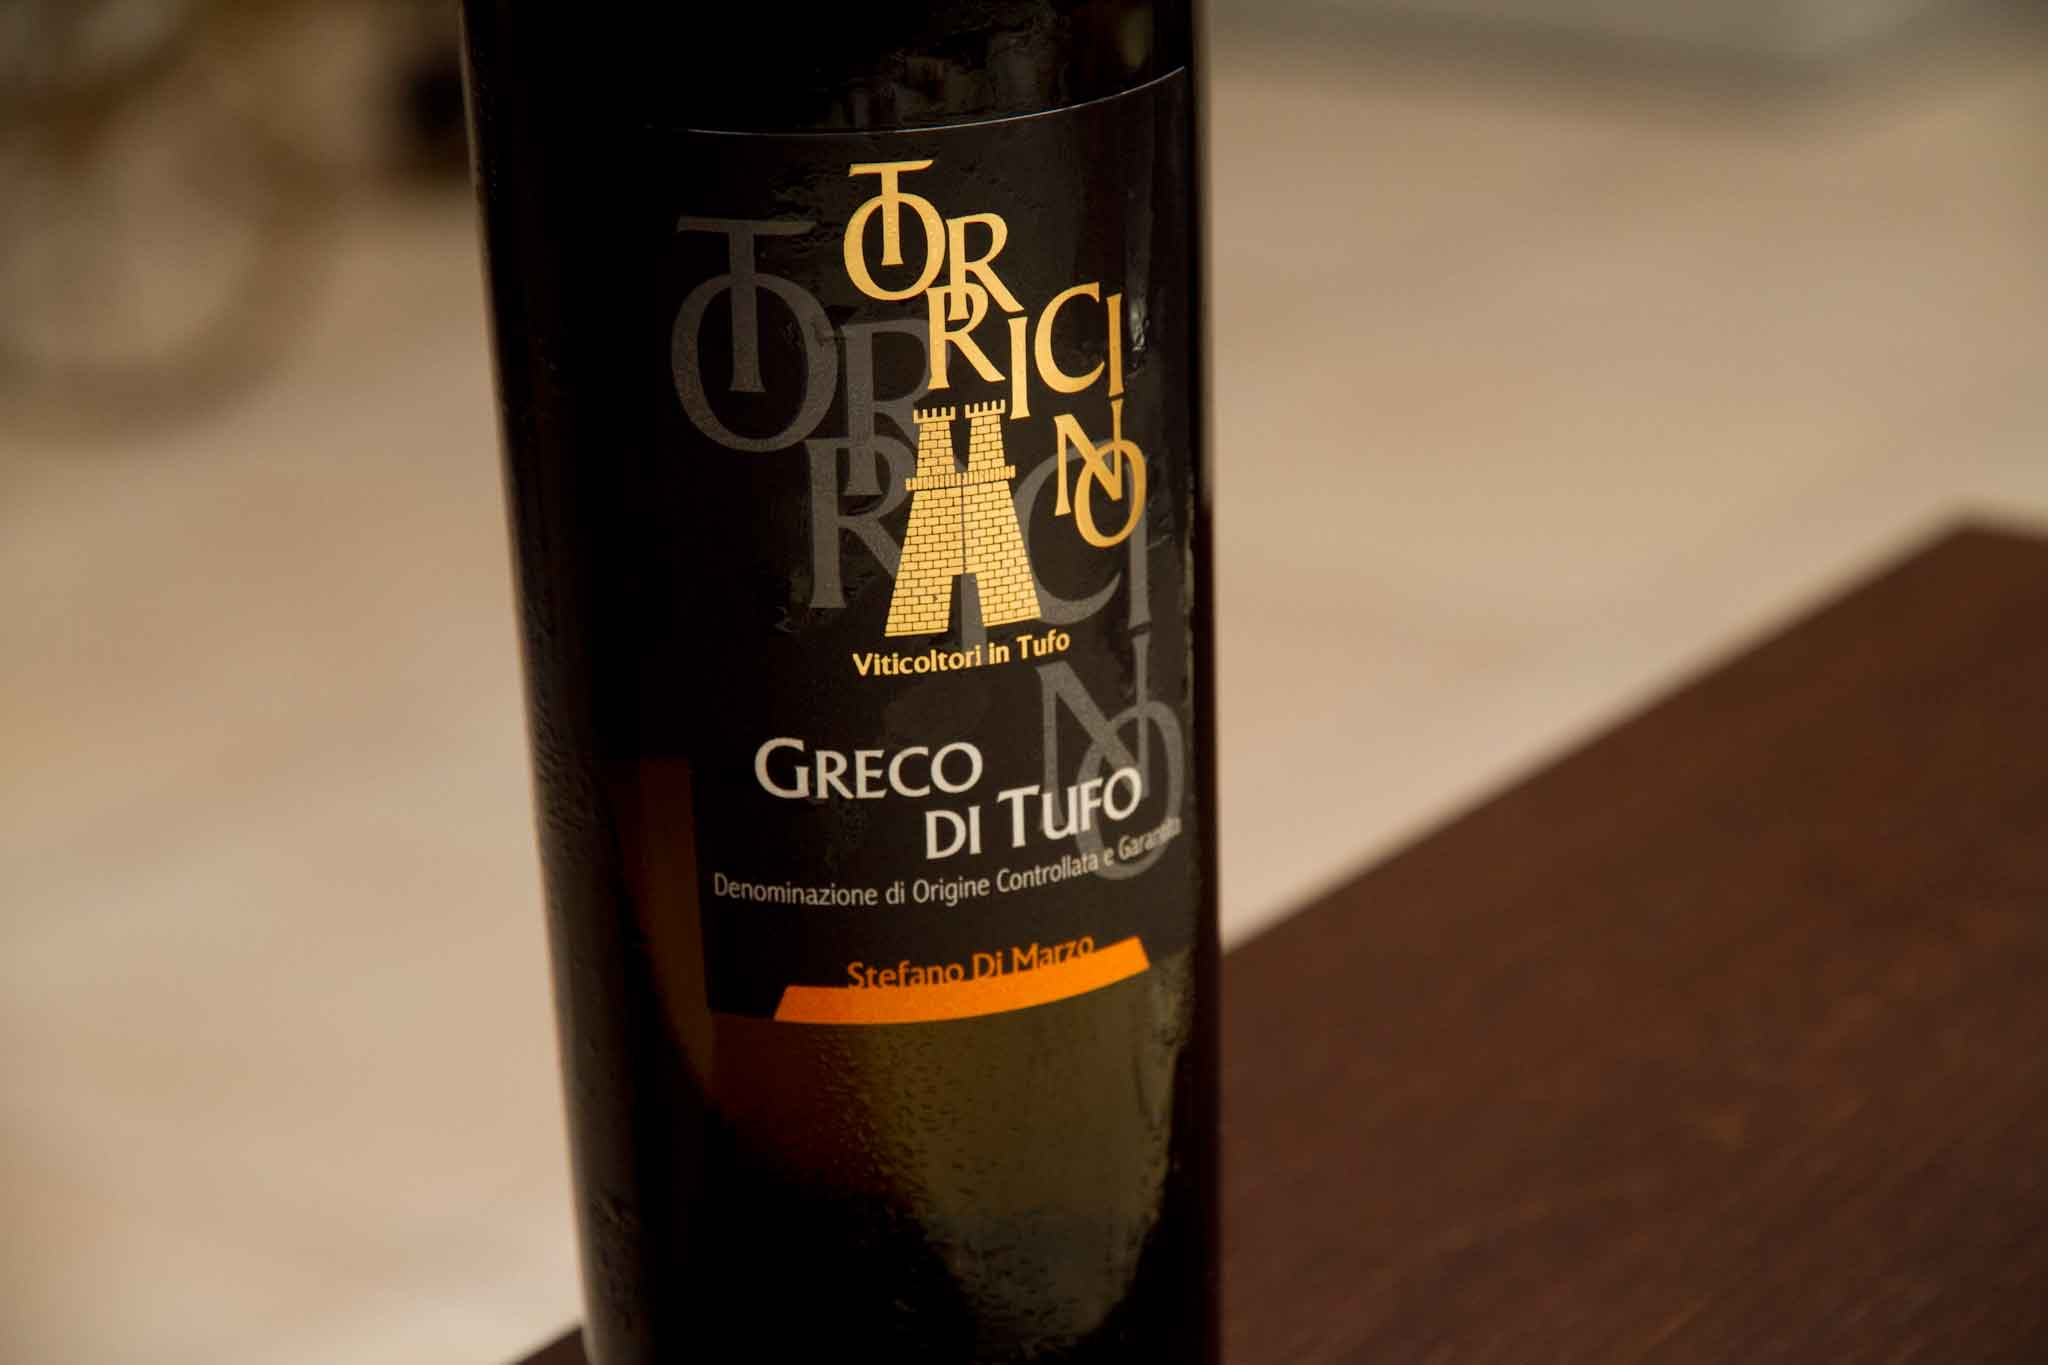 vino Greco di Tufo Torricino